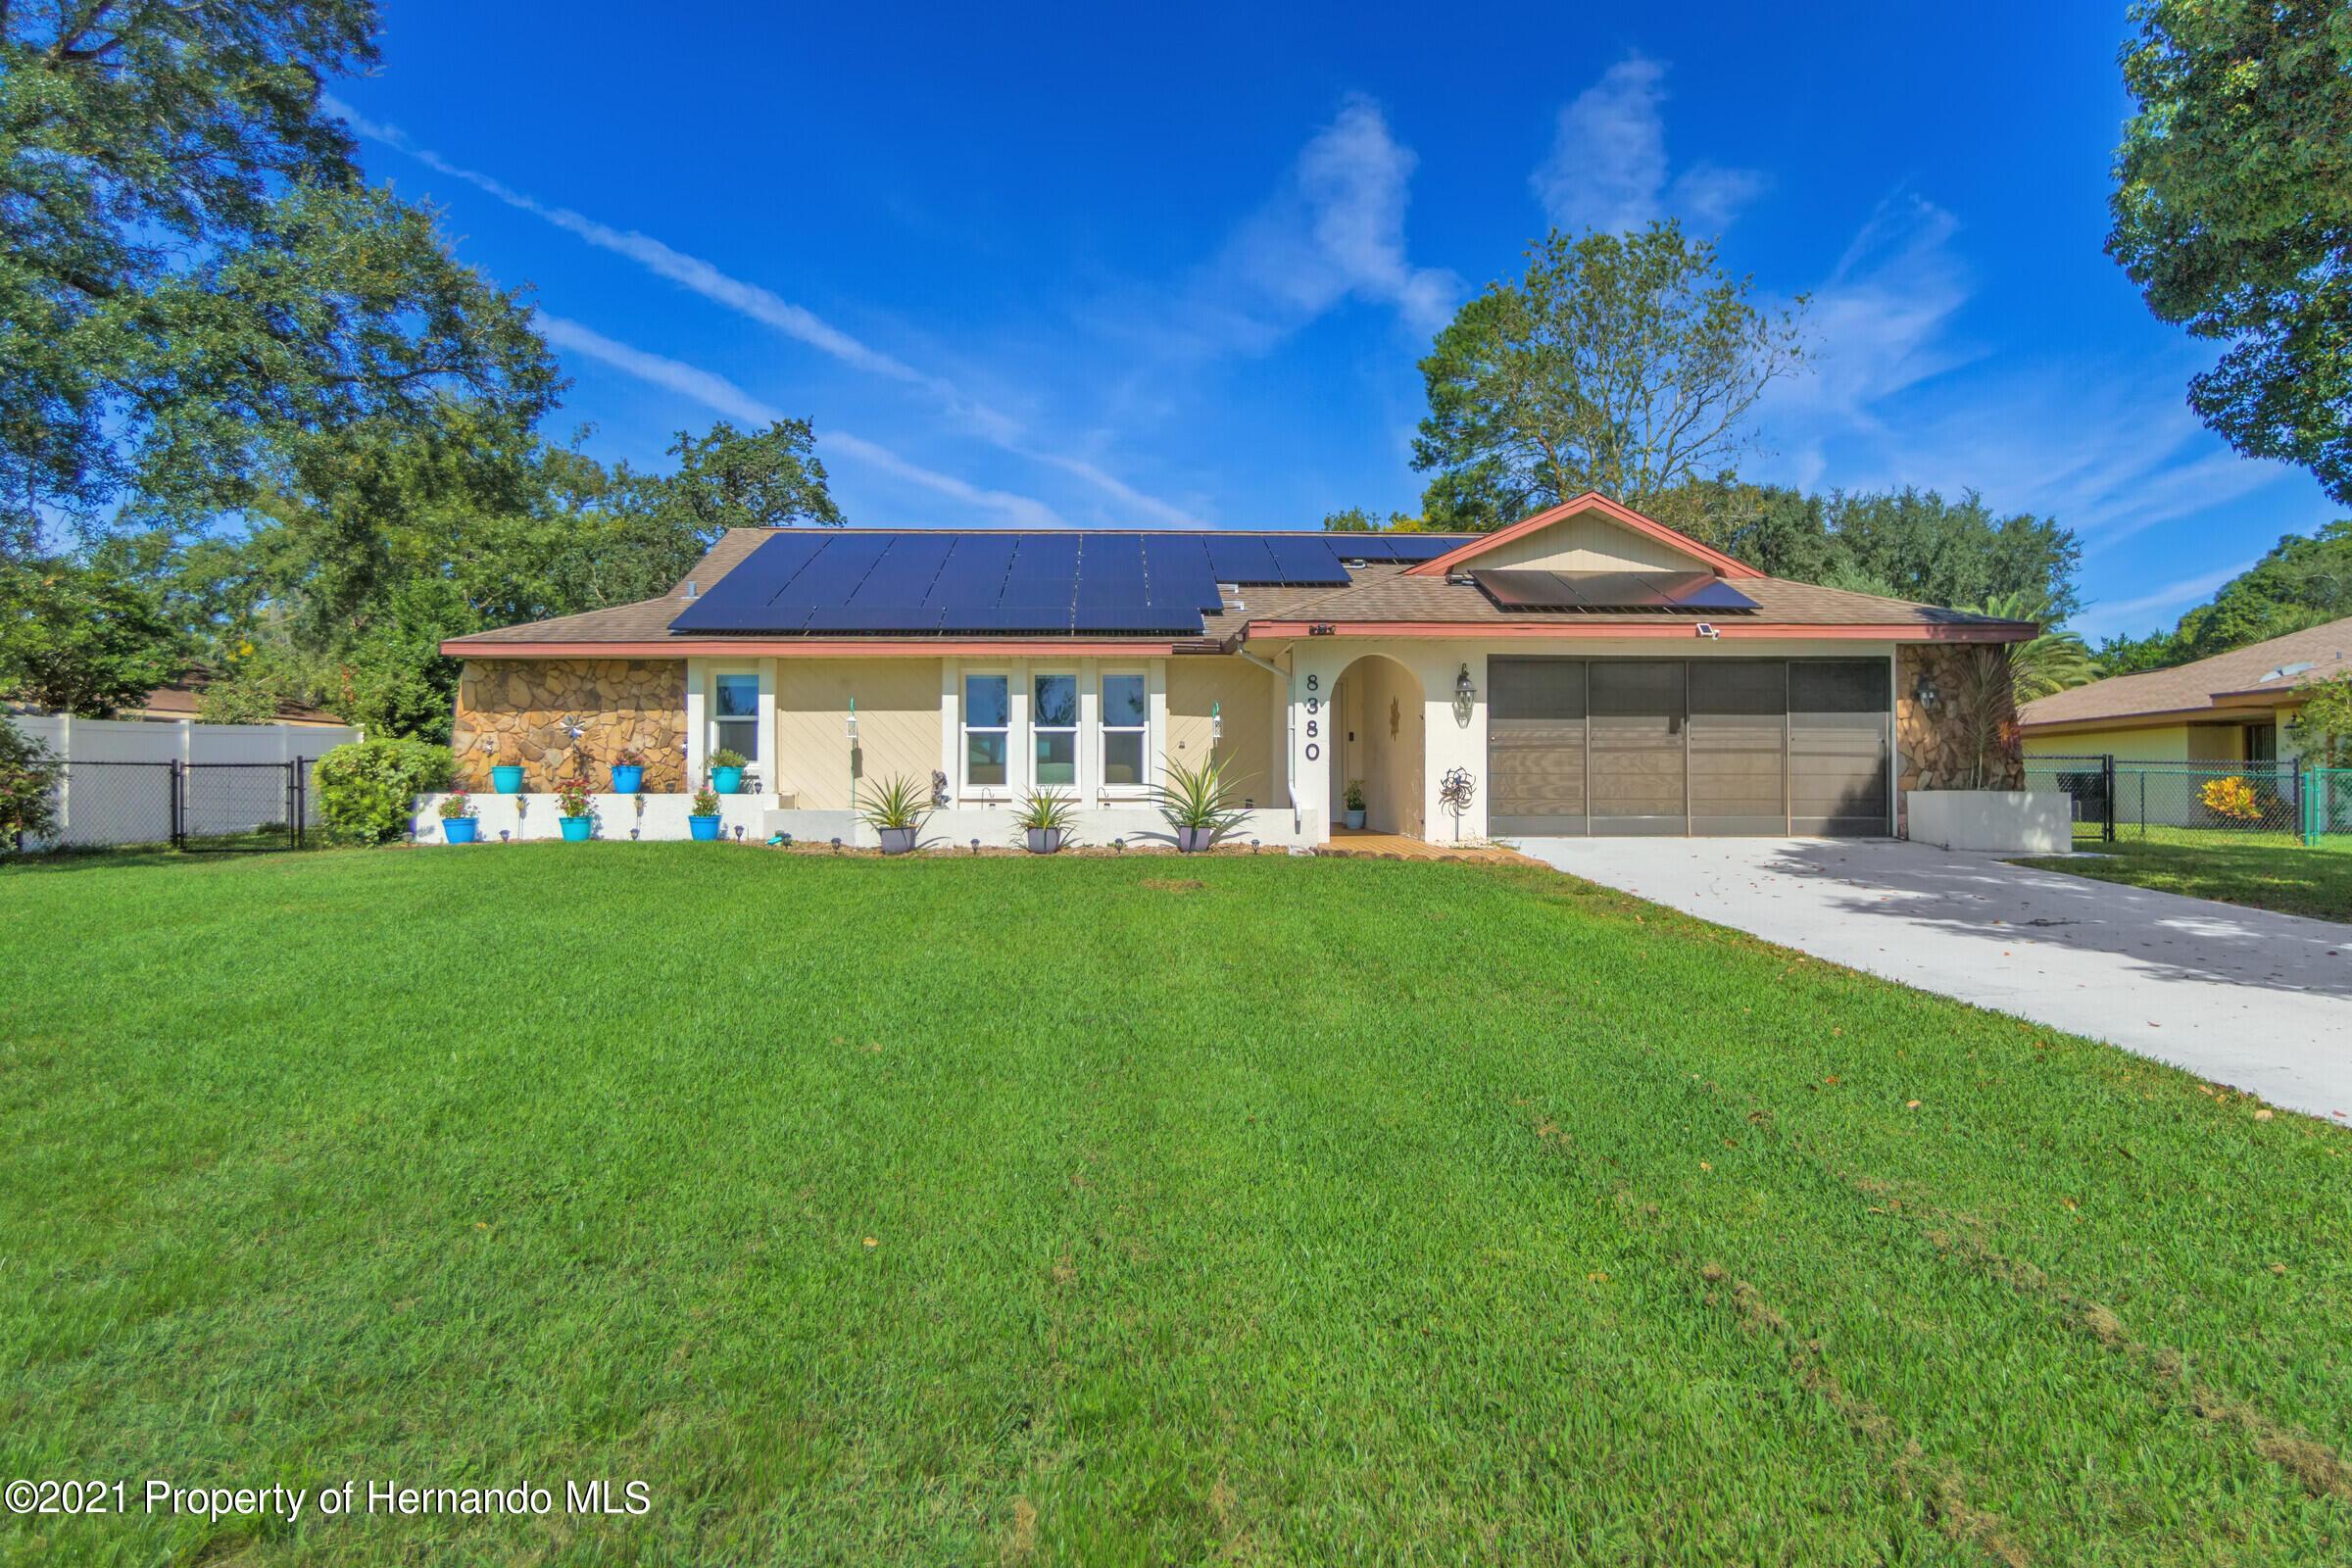 Details for 8380 Delaware Drive, Spring Hill, FL 34607